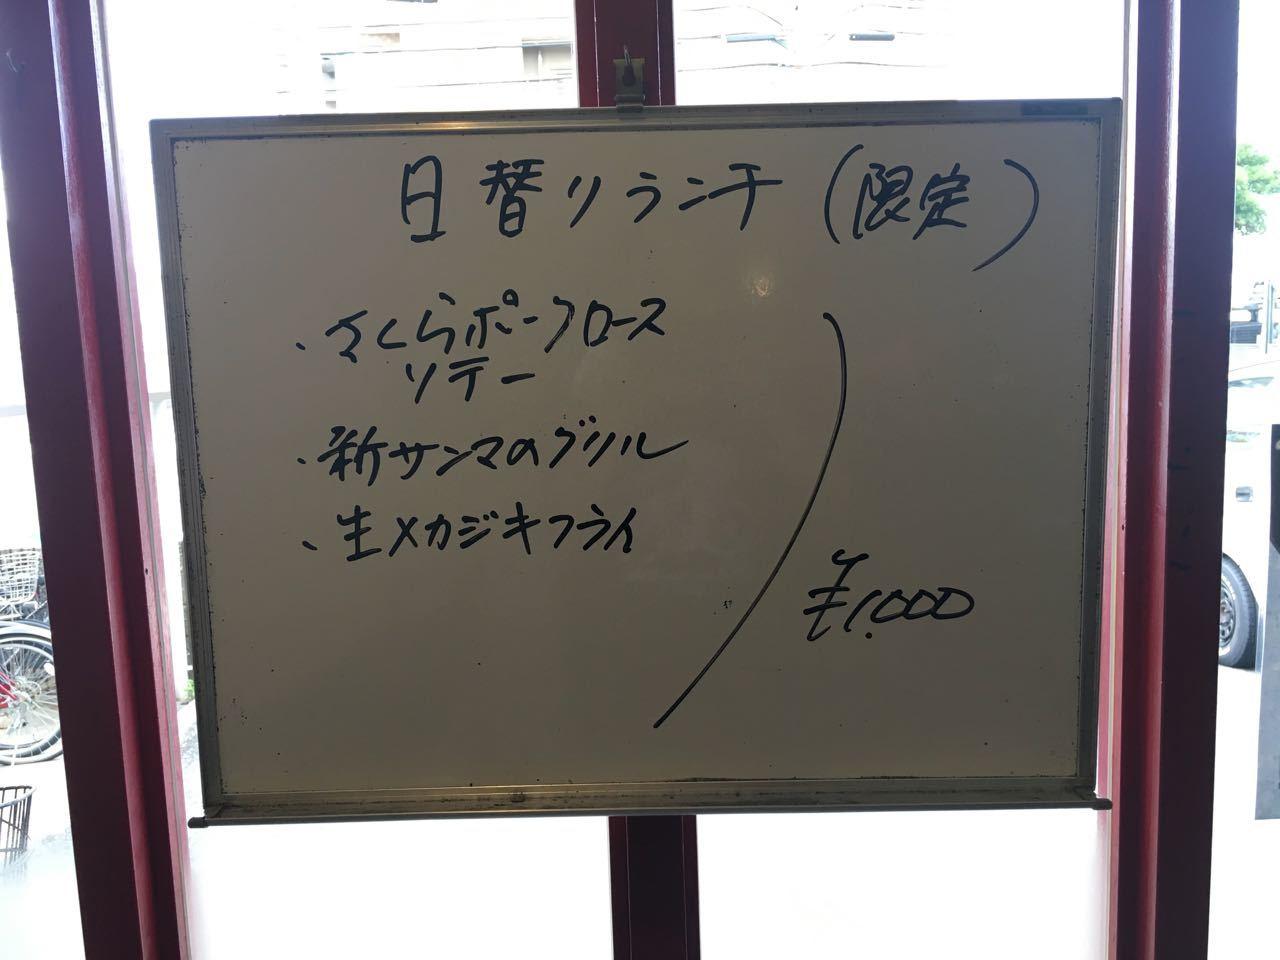 2018.08.28「久しぶりの56練」_c0197974_10510530.jpg